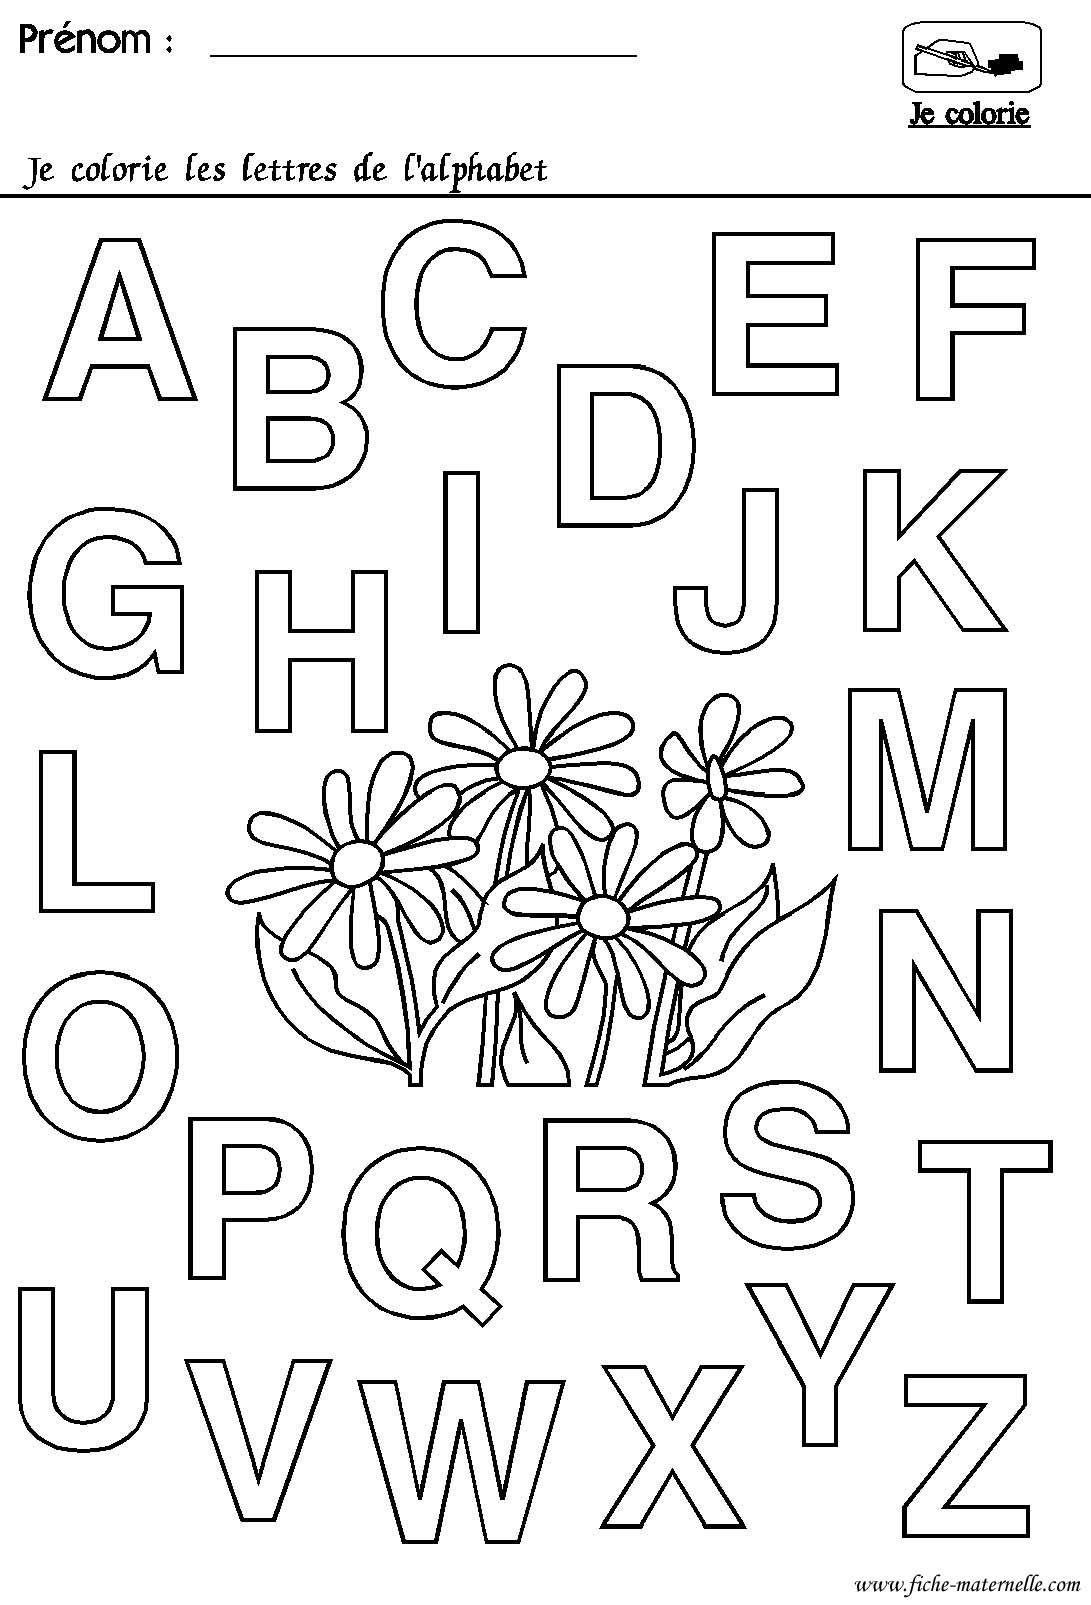 Maternelle Rentrée Des Classes : L'alphabet | Alphabet À encequiconcerne Jeux Alphabet Maternelle Gratuit